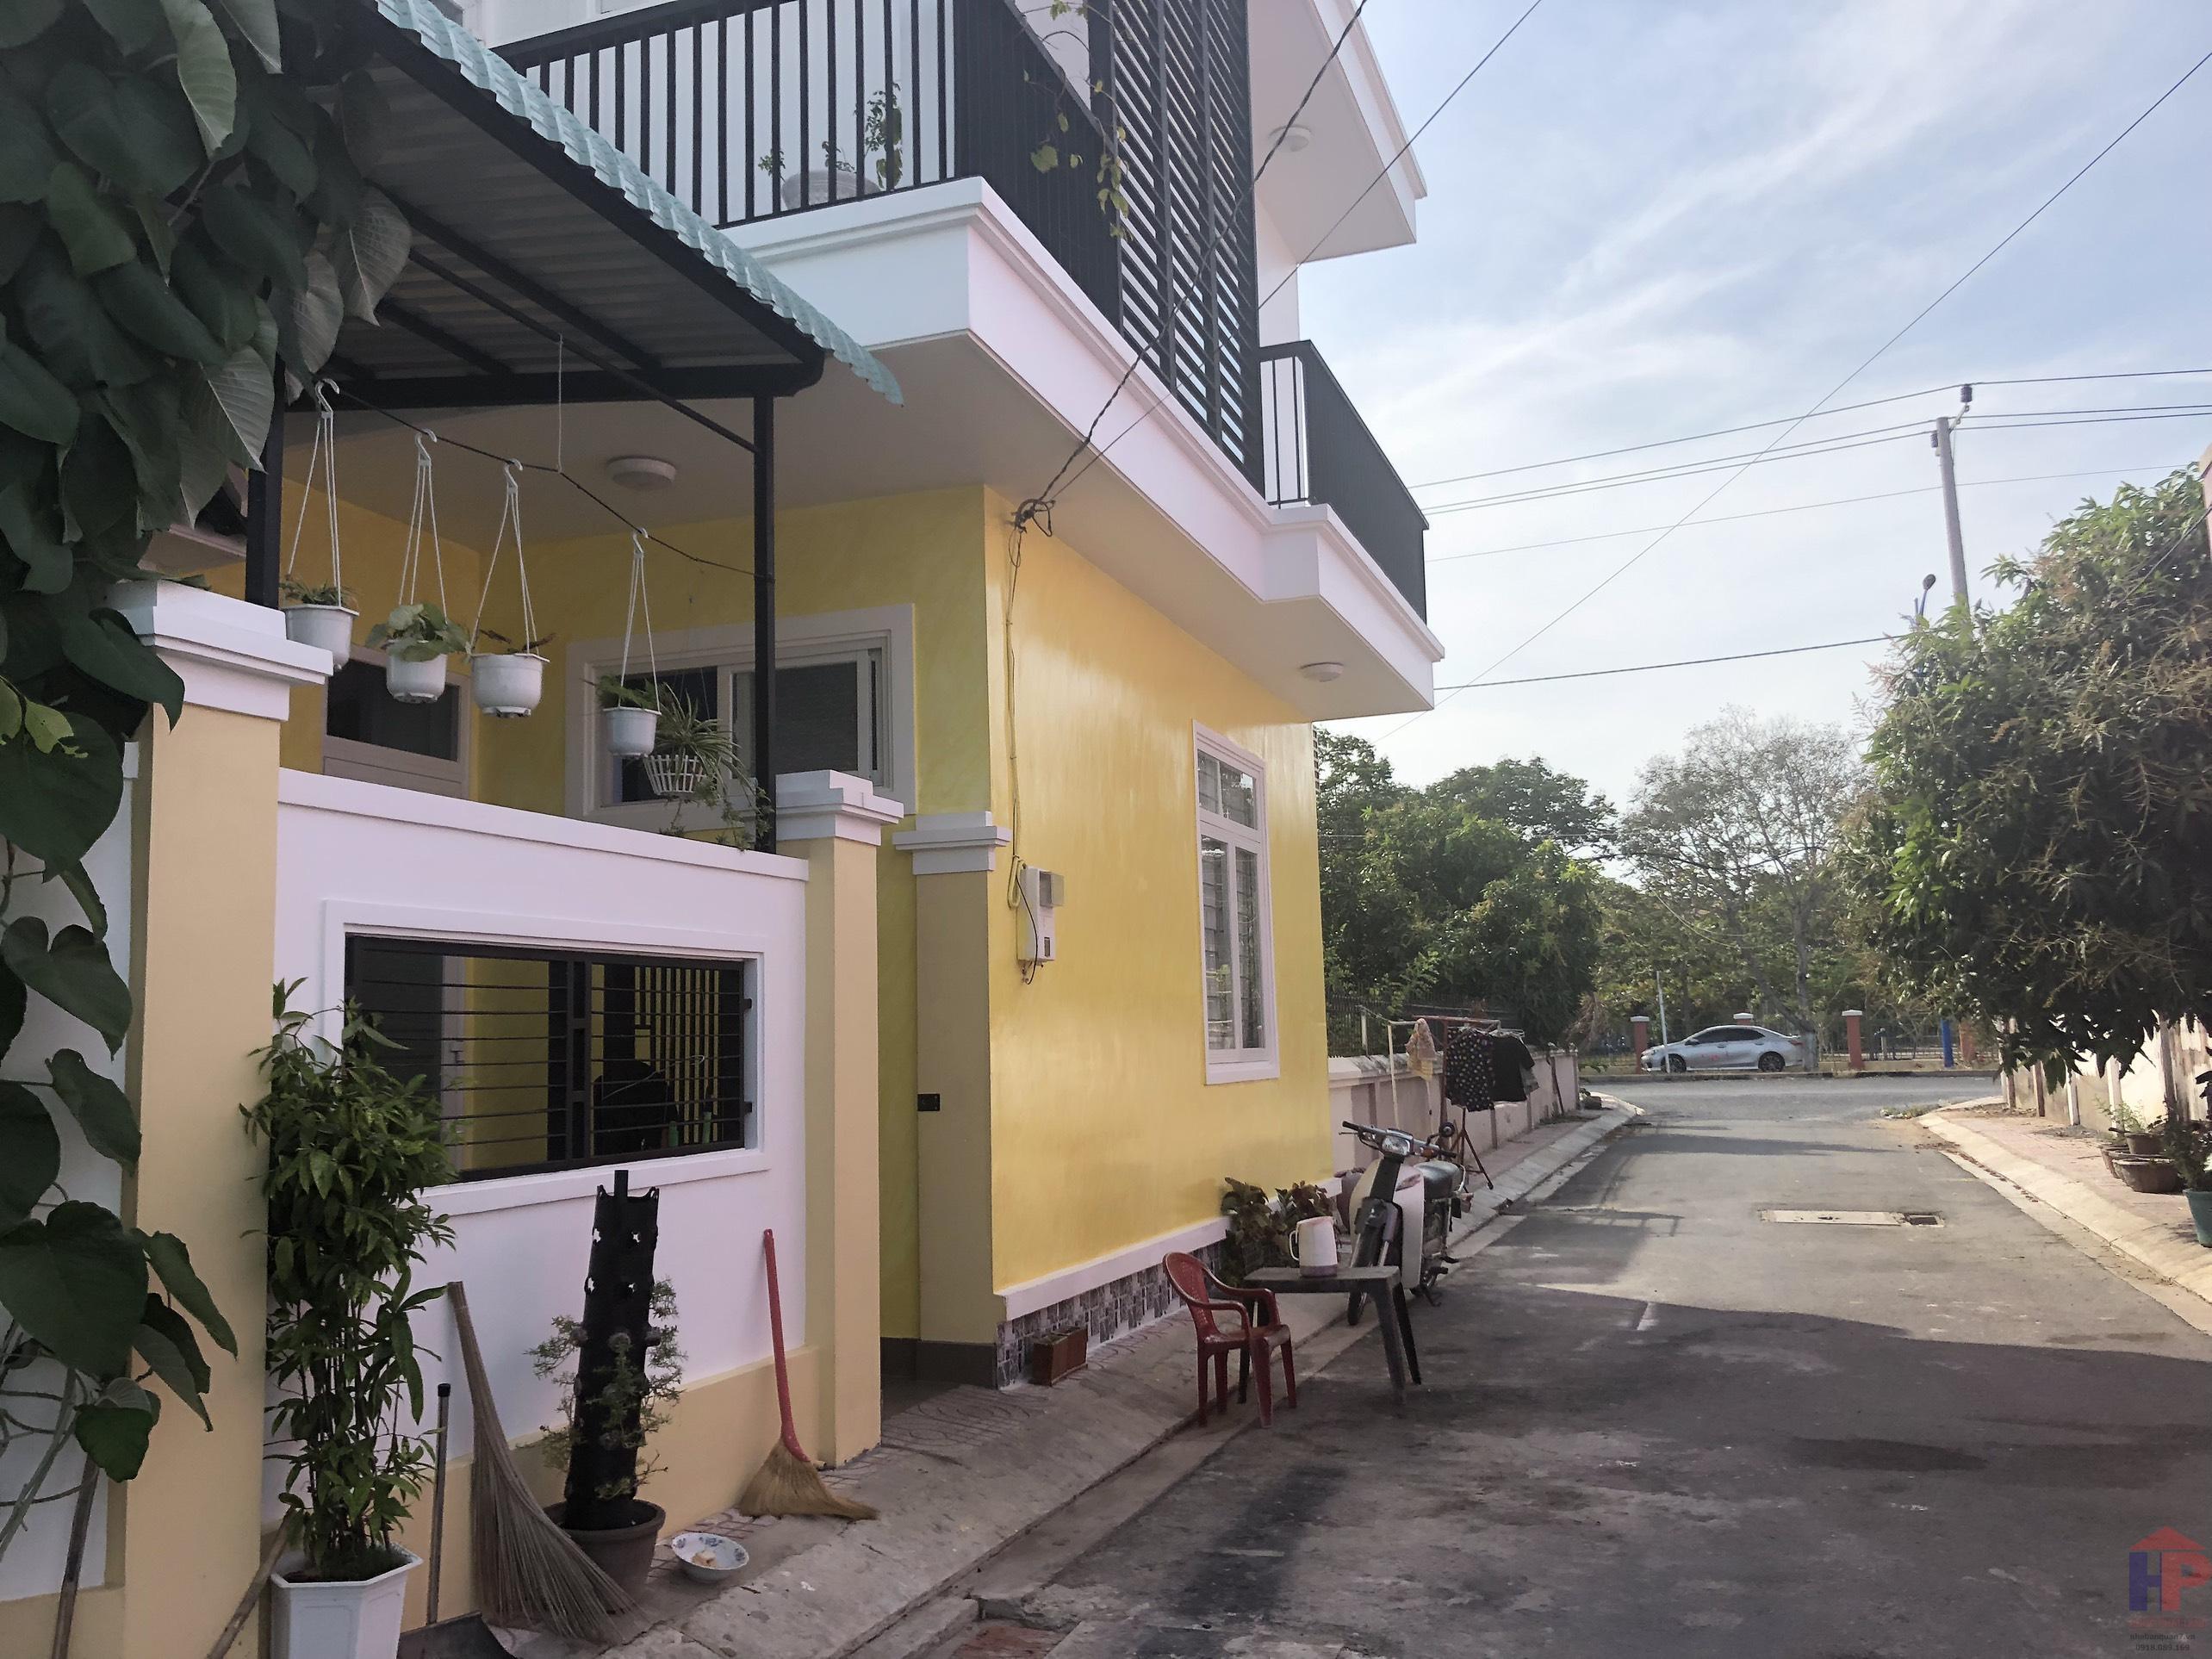 Bán nhà đường Đào Cử huyện Cần Giờ, nhà cấp 4, DT 7x12m, giá 2.3 tỷ